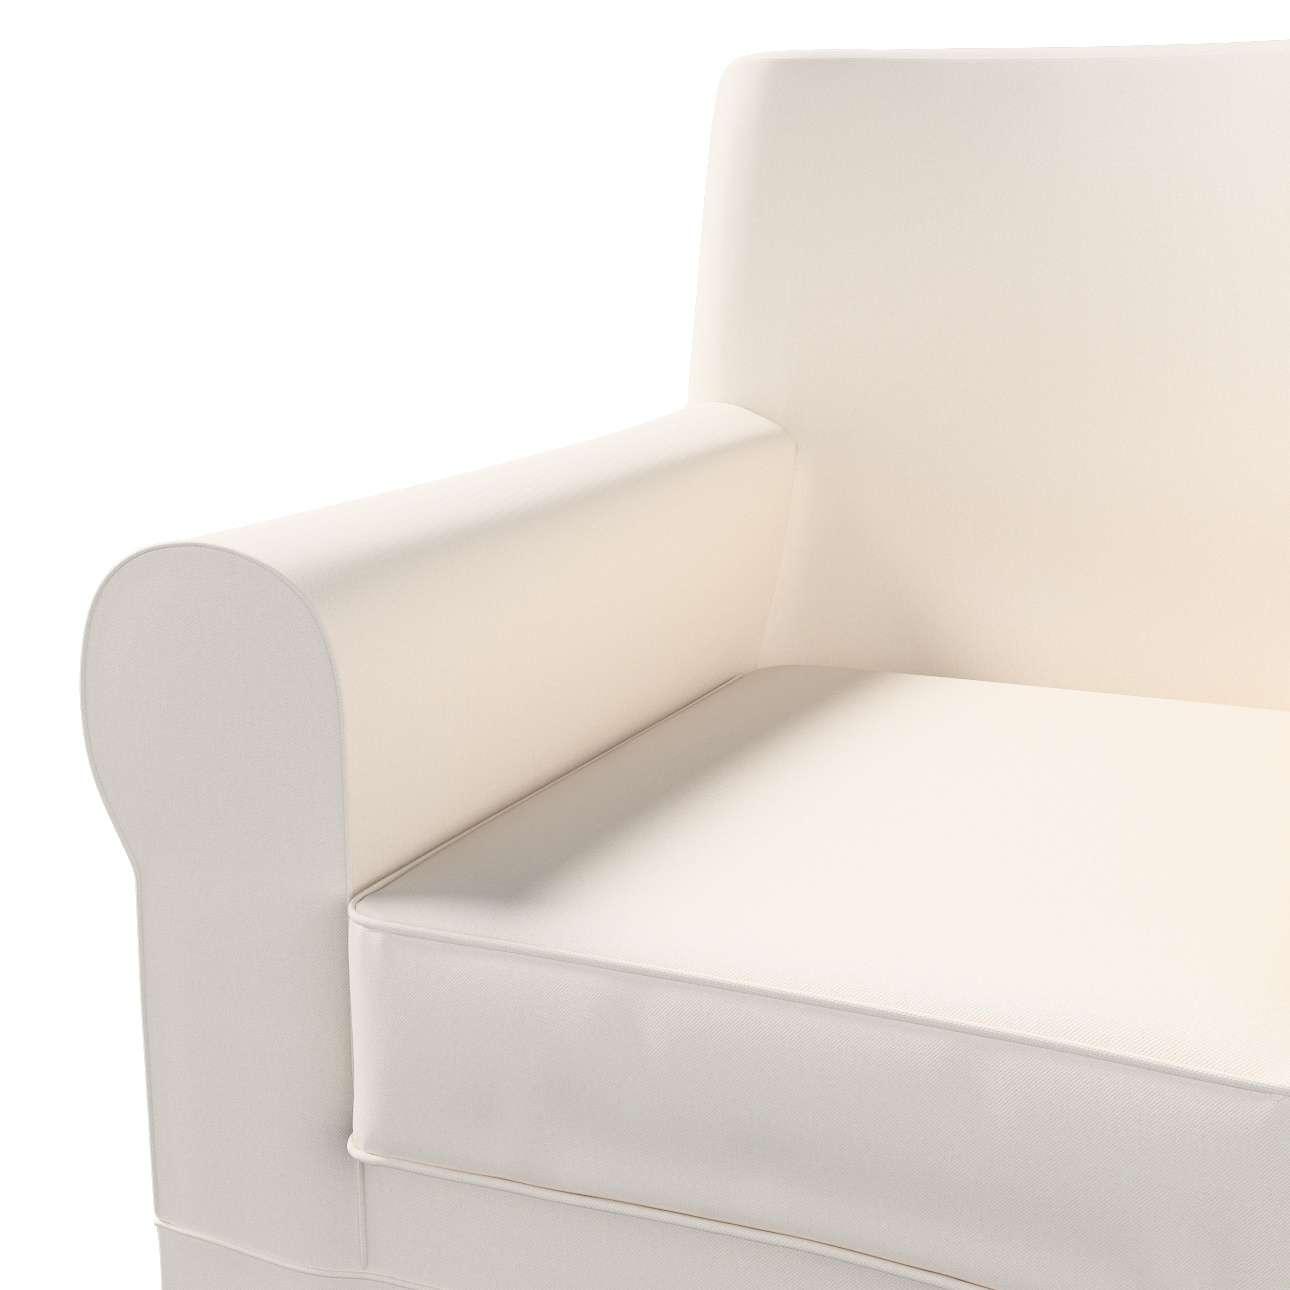 Pokrowiec na fotel Ektorp Jennylund w kolekcji Etna, tkanina: 705-01